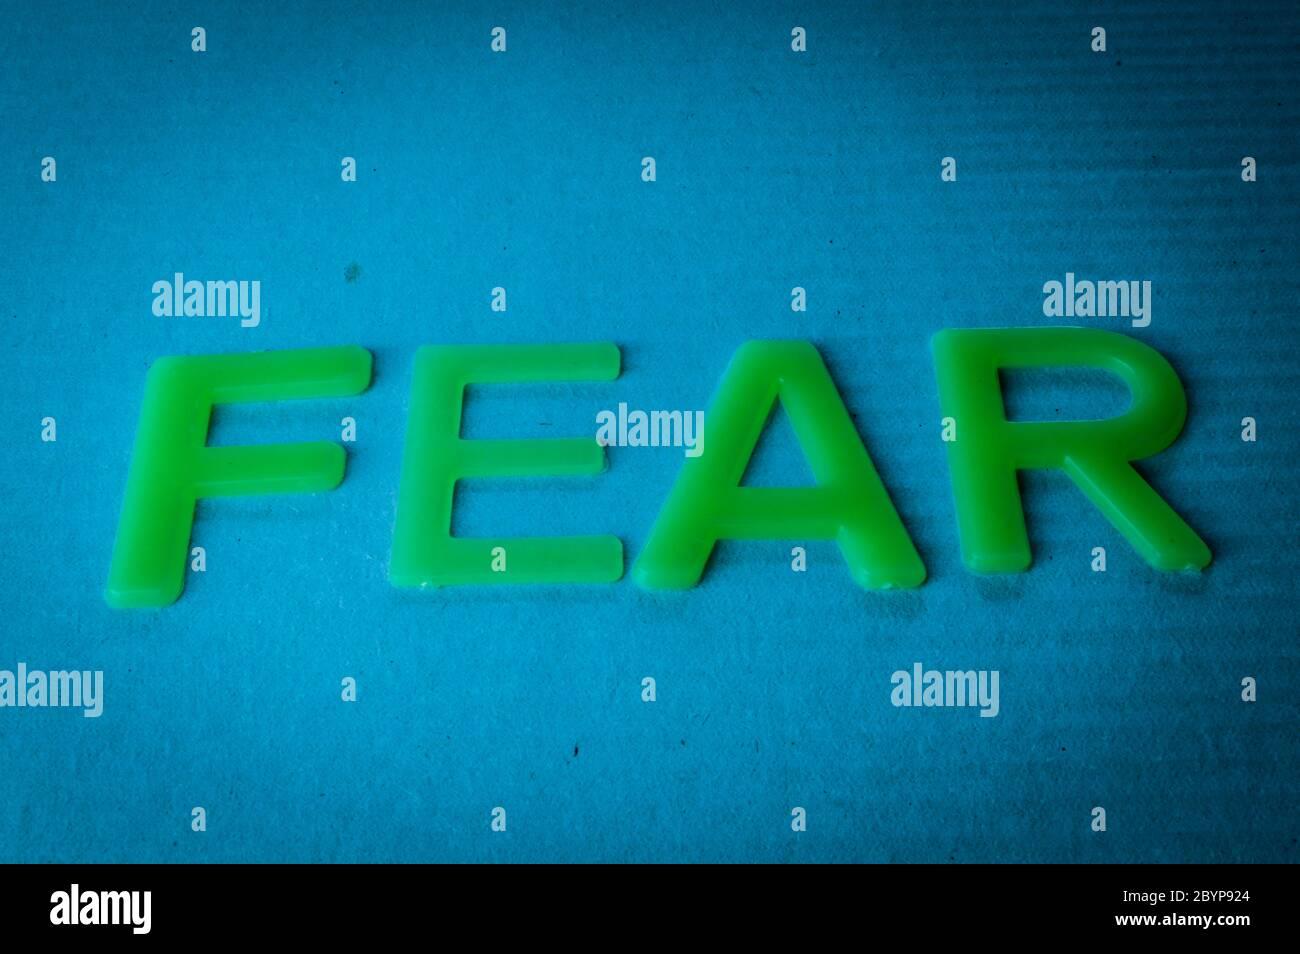 Peur. Mot composé de lettres vertes sur fond bleu. Banque D'Images